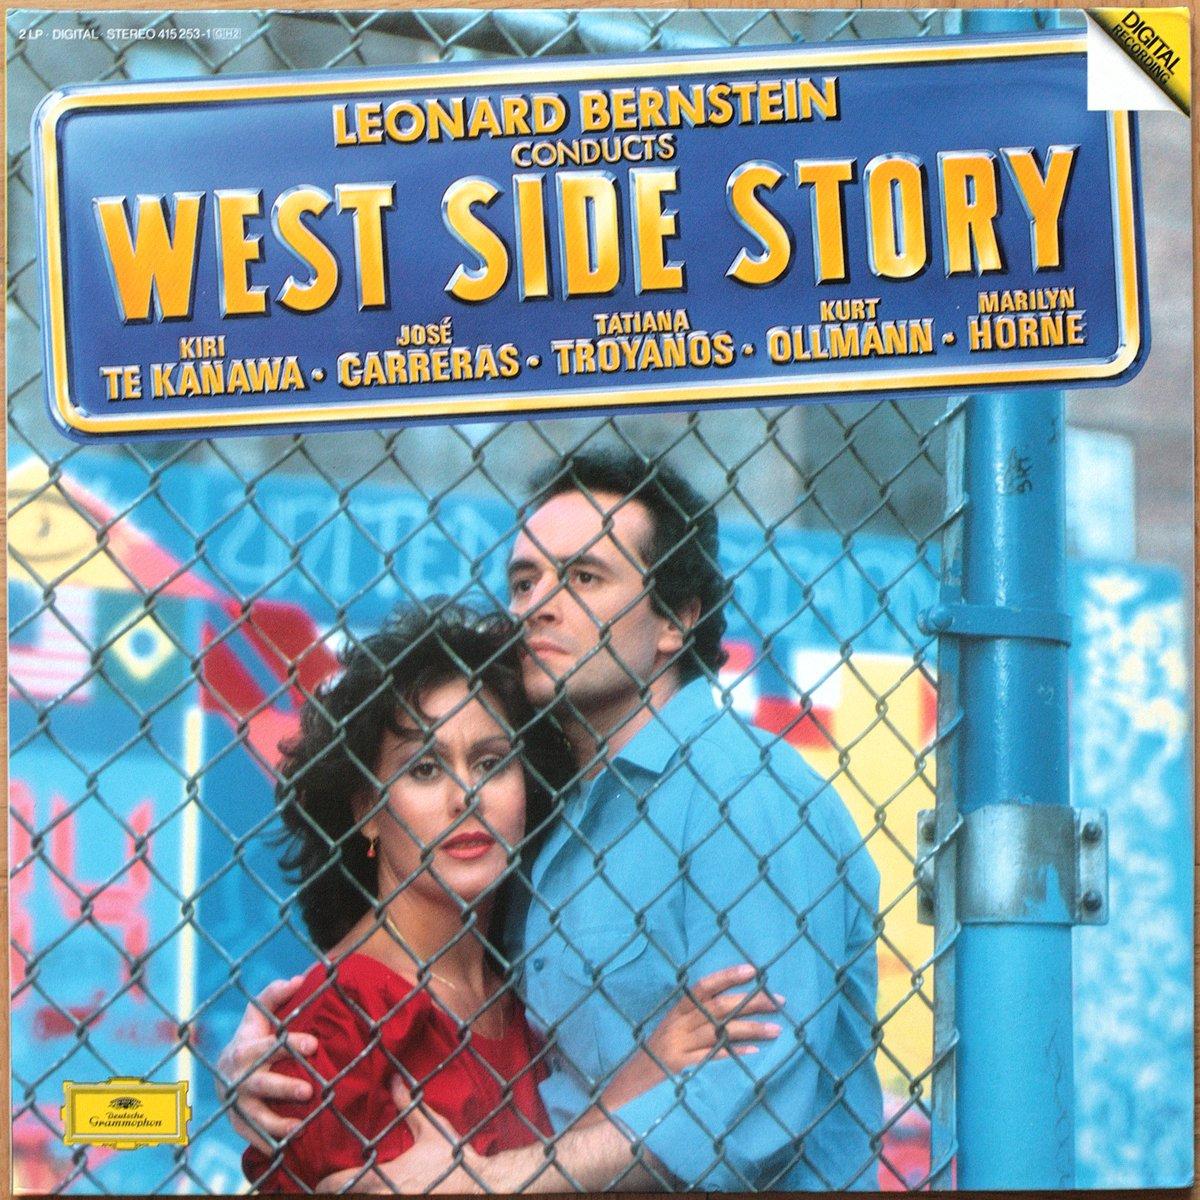 DGG 415 253 Bernstein West Side Story Bernstein DGG Digital Aufnahme